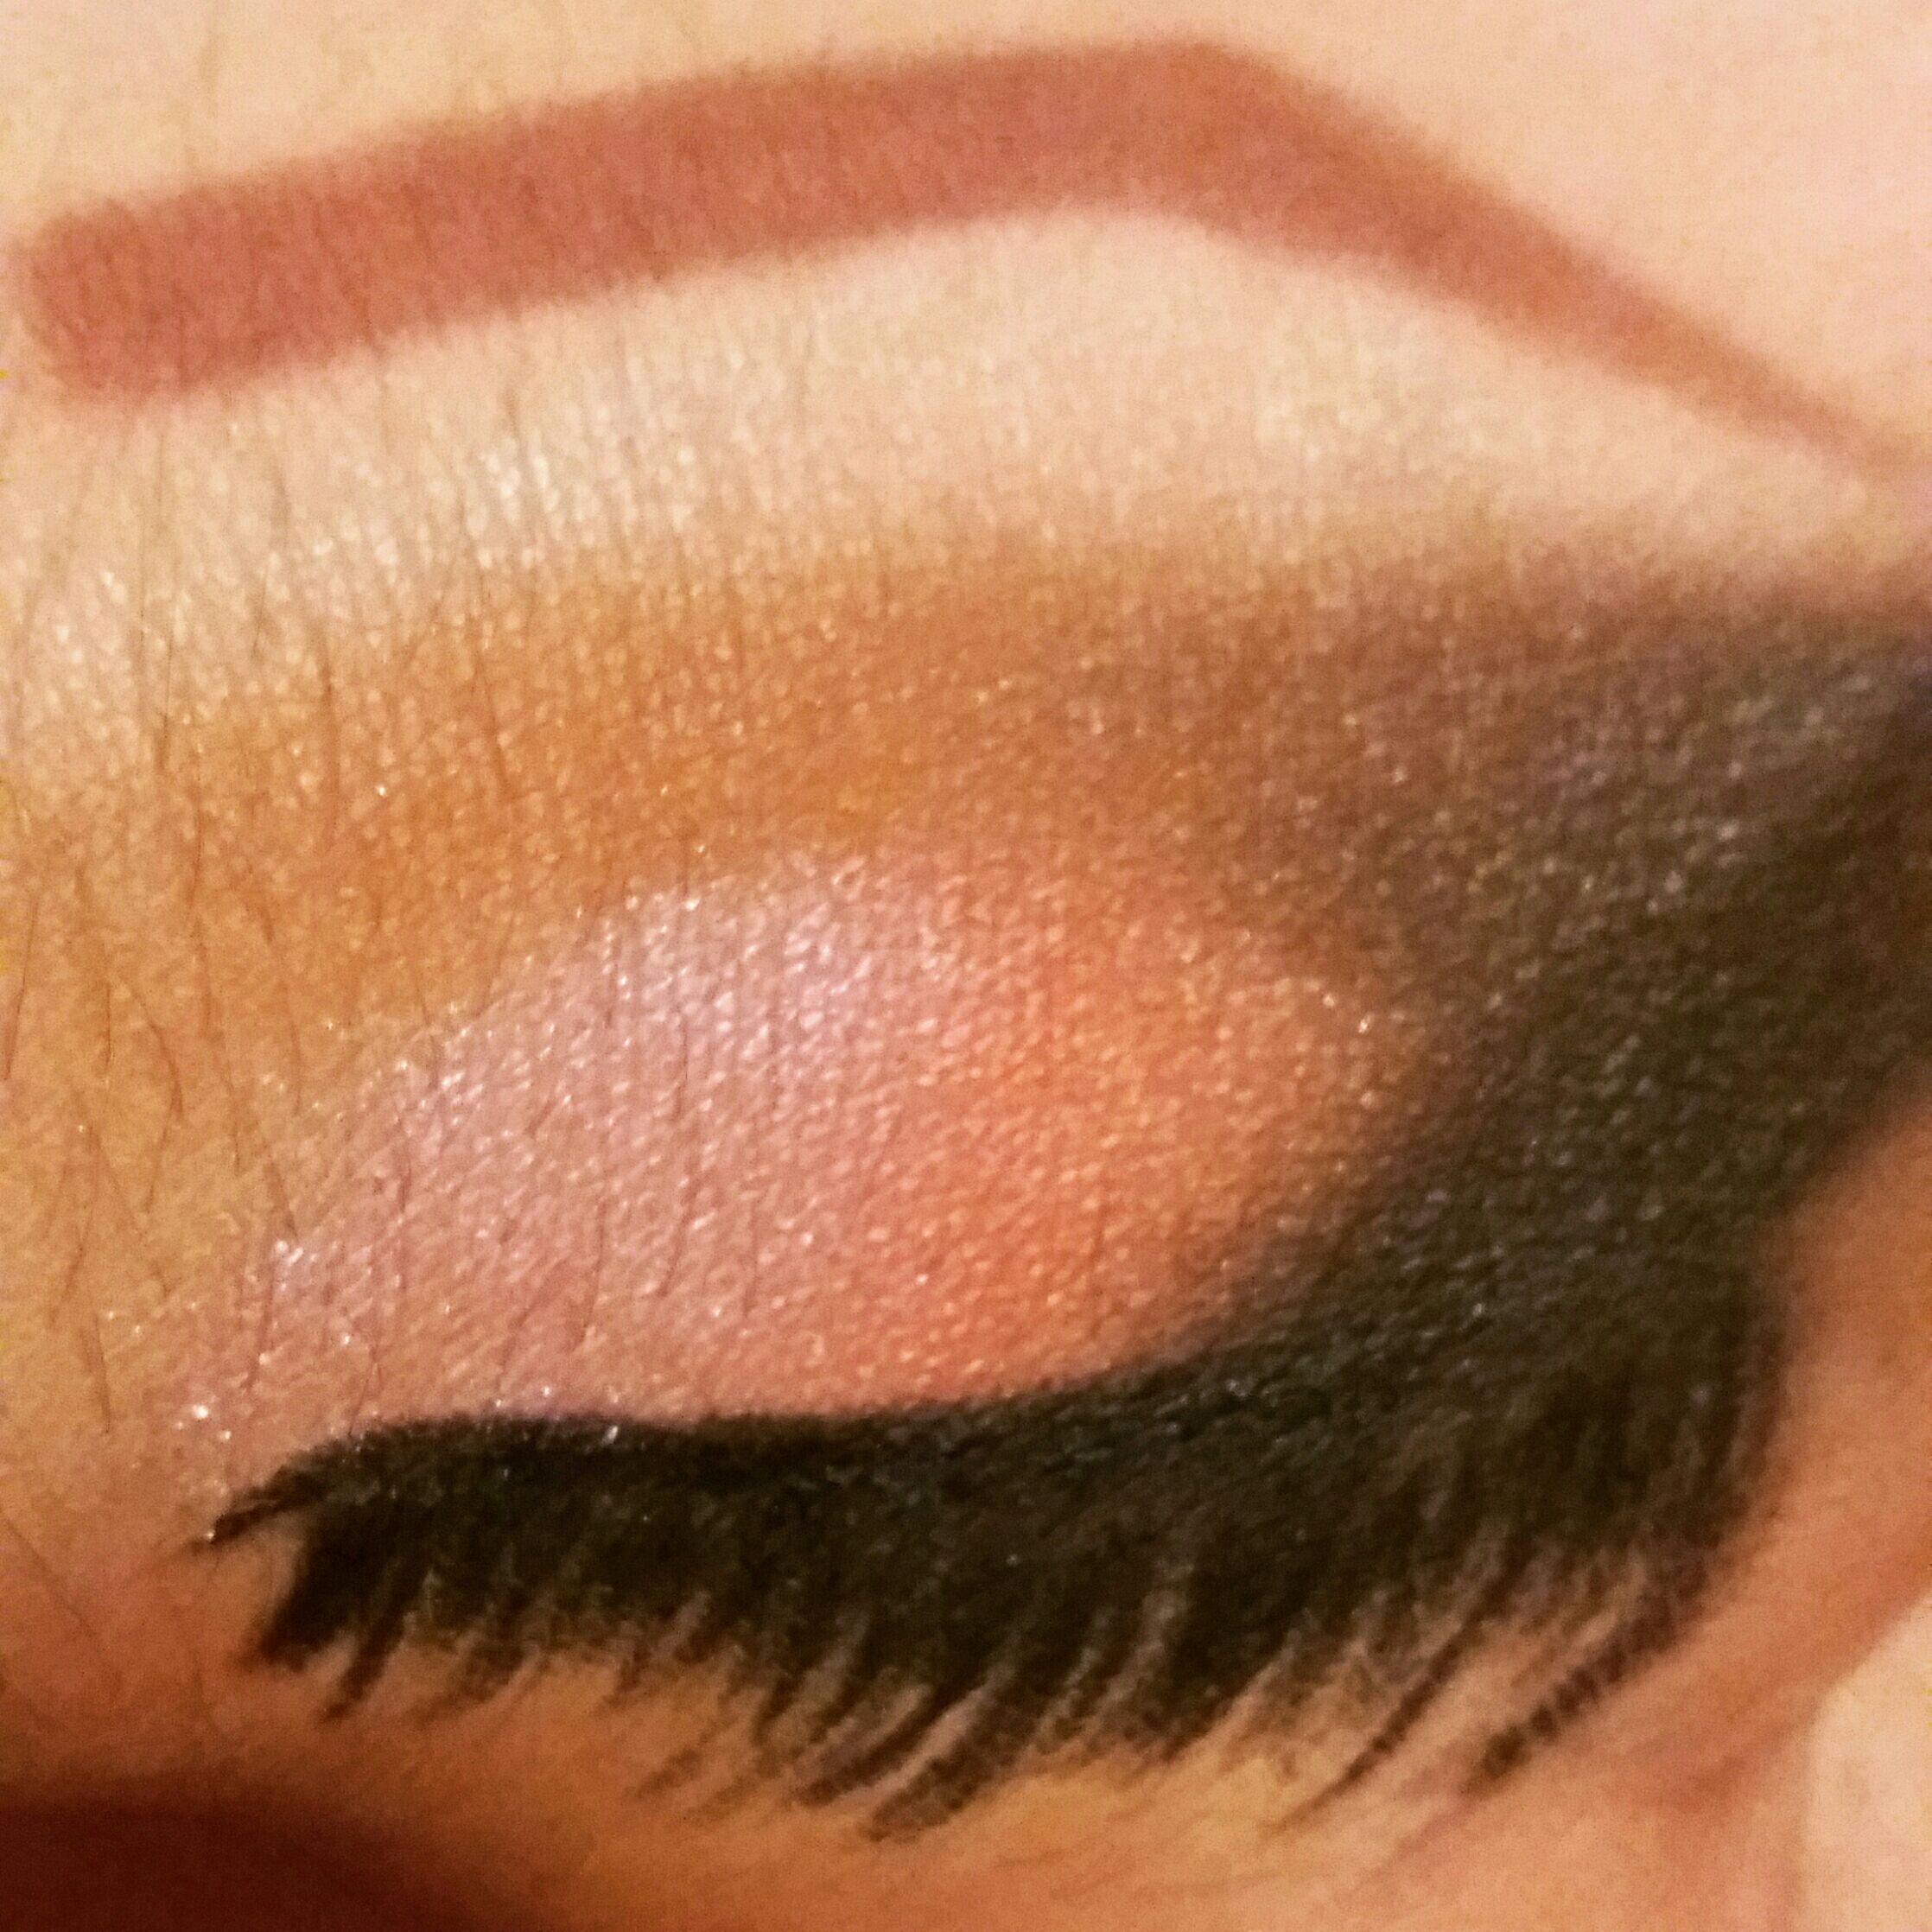 Maquiagem iluminada com canto externo esfumado para dar profundidade no olhar maquiagem maquiador(a)